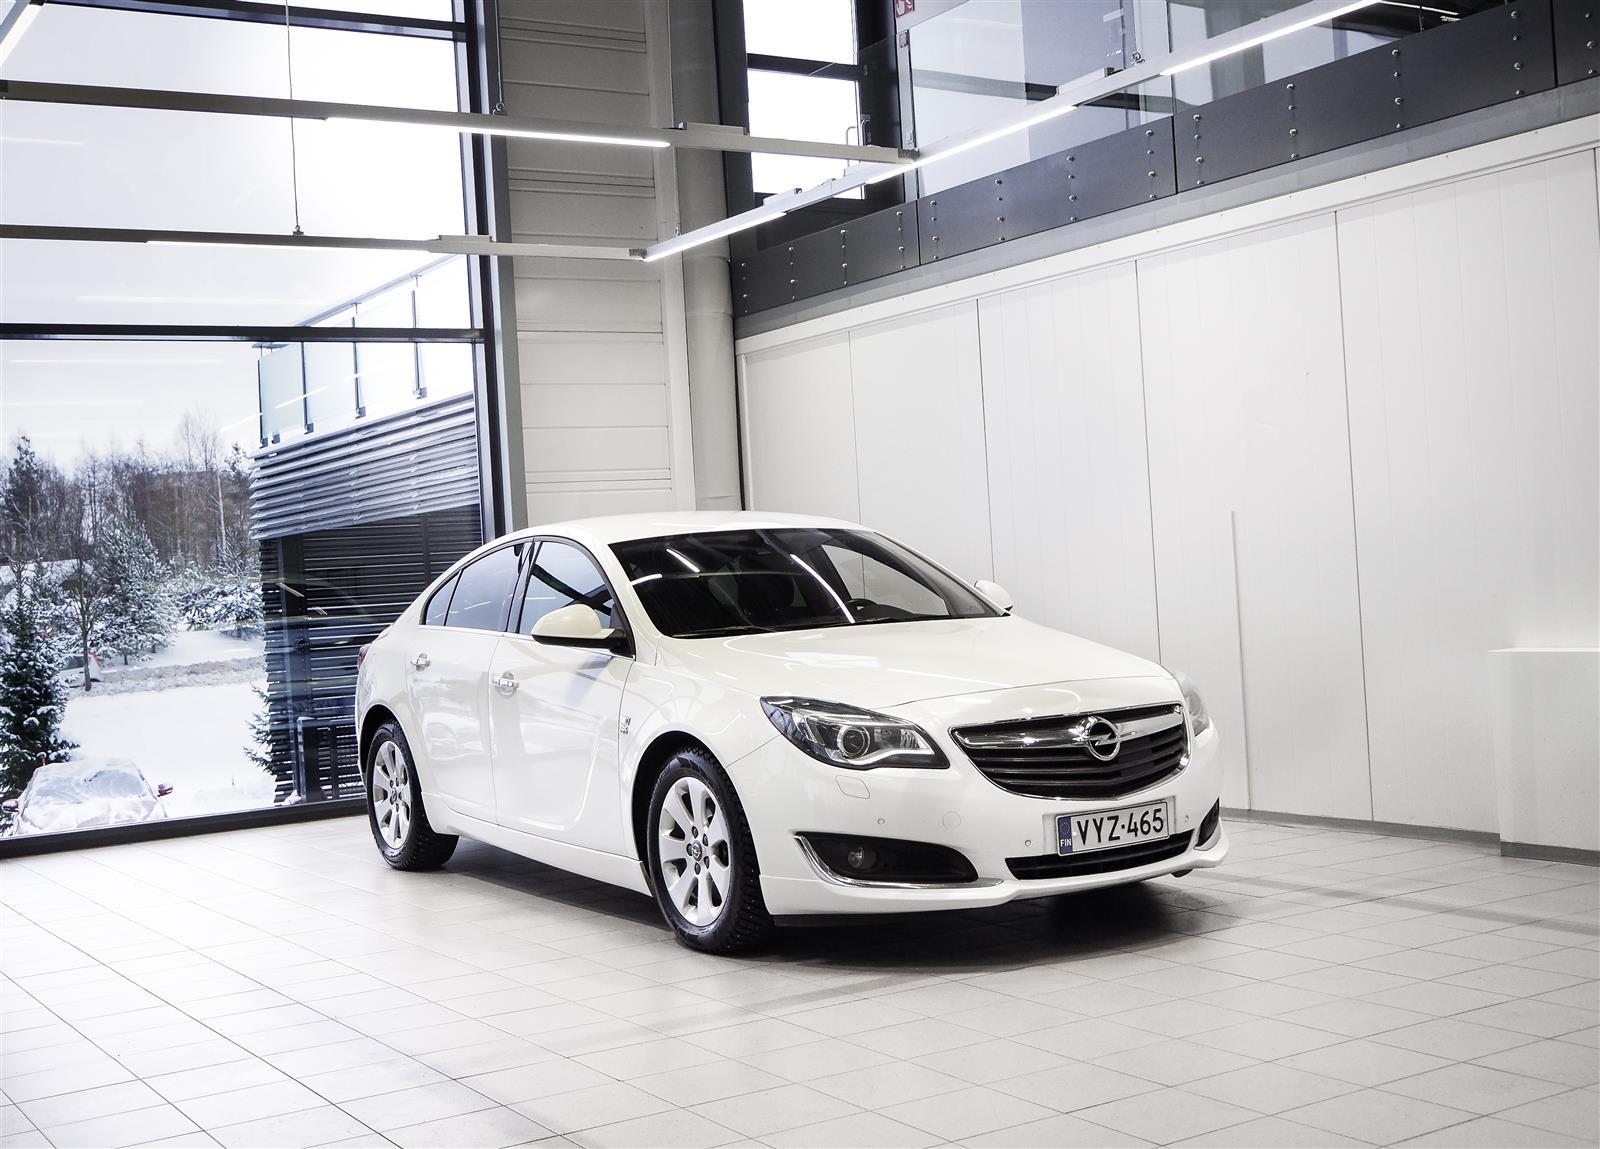 Opel Insignia 2,0 CDTI Sport Aut + Navi + ACC + Webasto + BiXenon + Tutkat